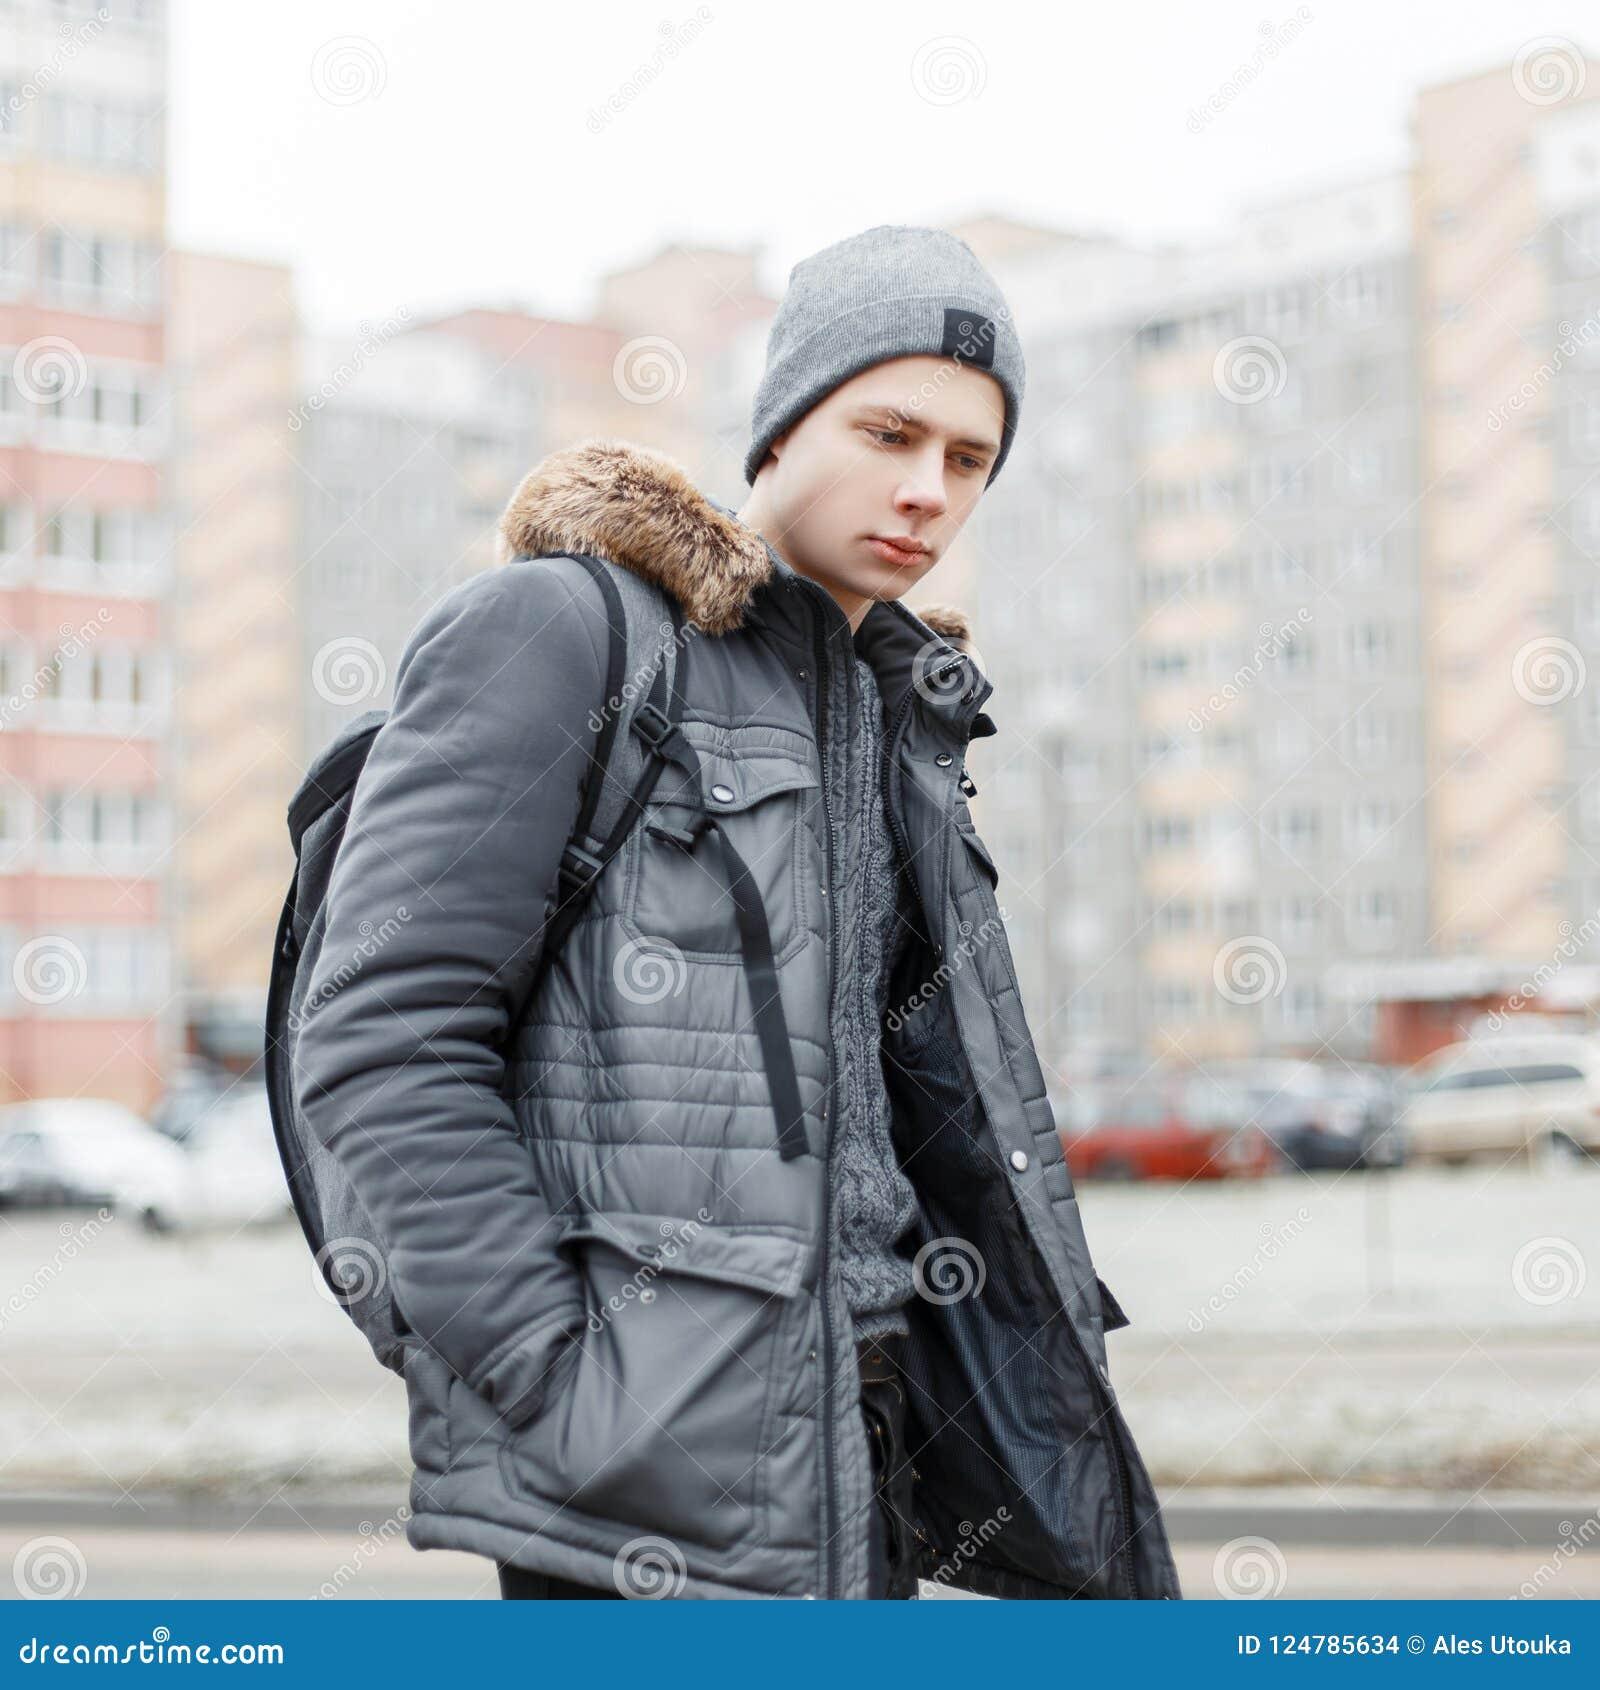 96b381a002 Jeune Homme à La Mode élégant Dans Une Veste De Mode D'hiver Photo ...